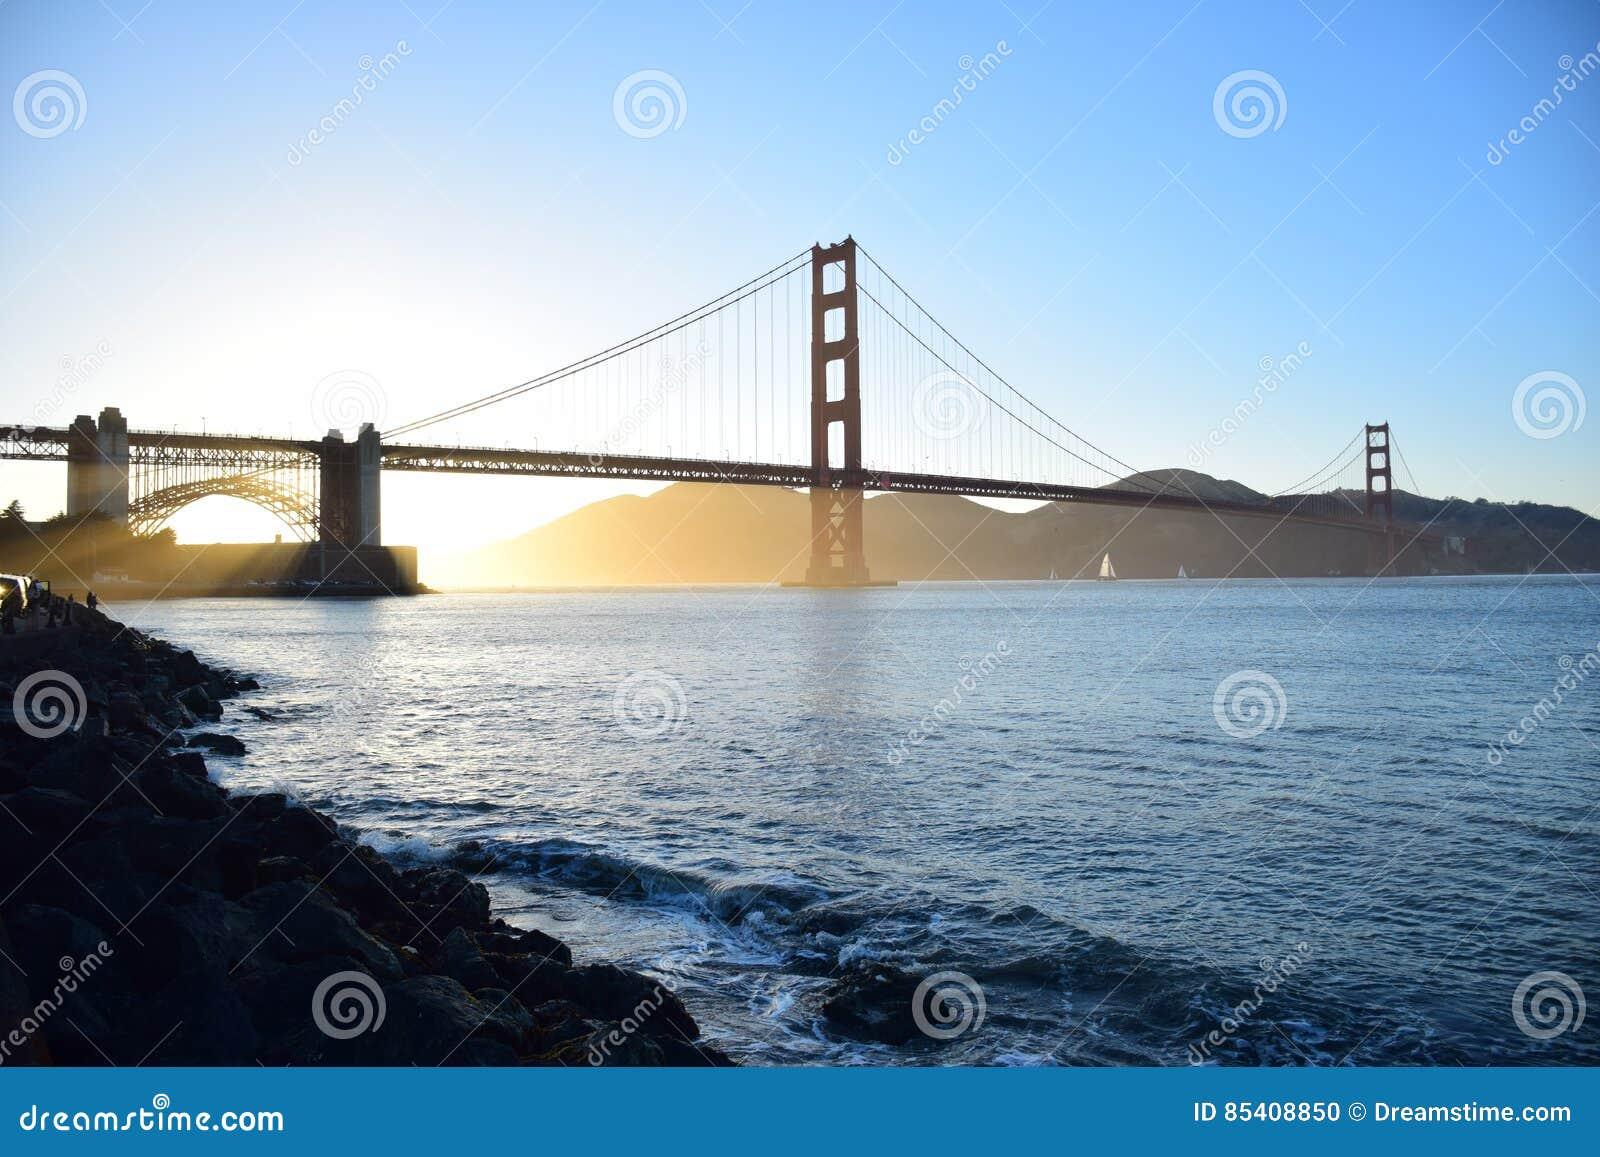 Χρυσή γέφυρα πυλών στο Σαν Φρανσίσκο στο ηλιοβασίλεμα